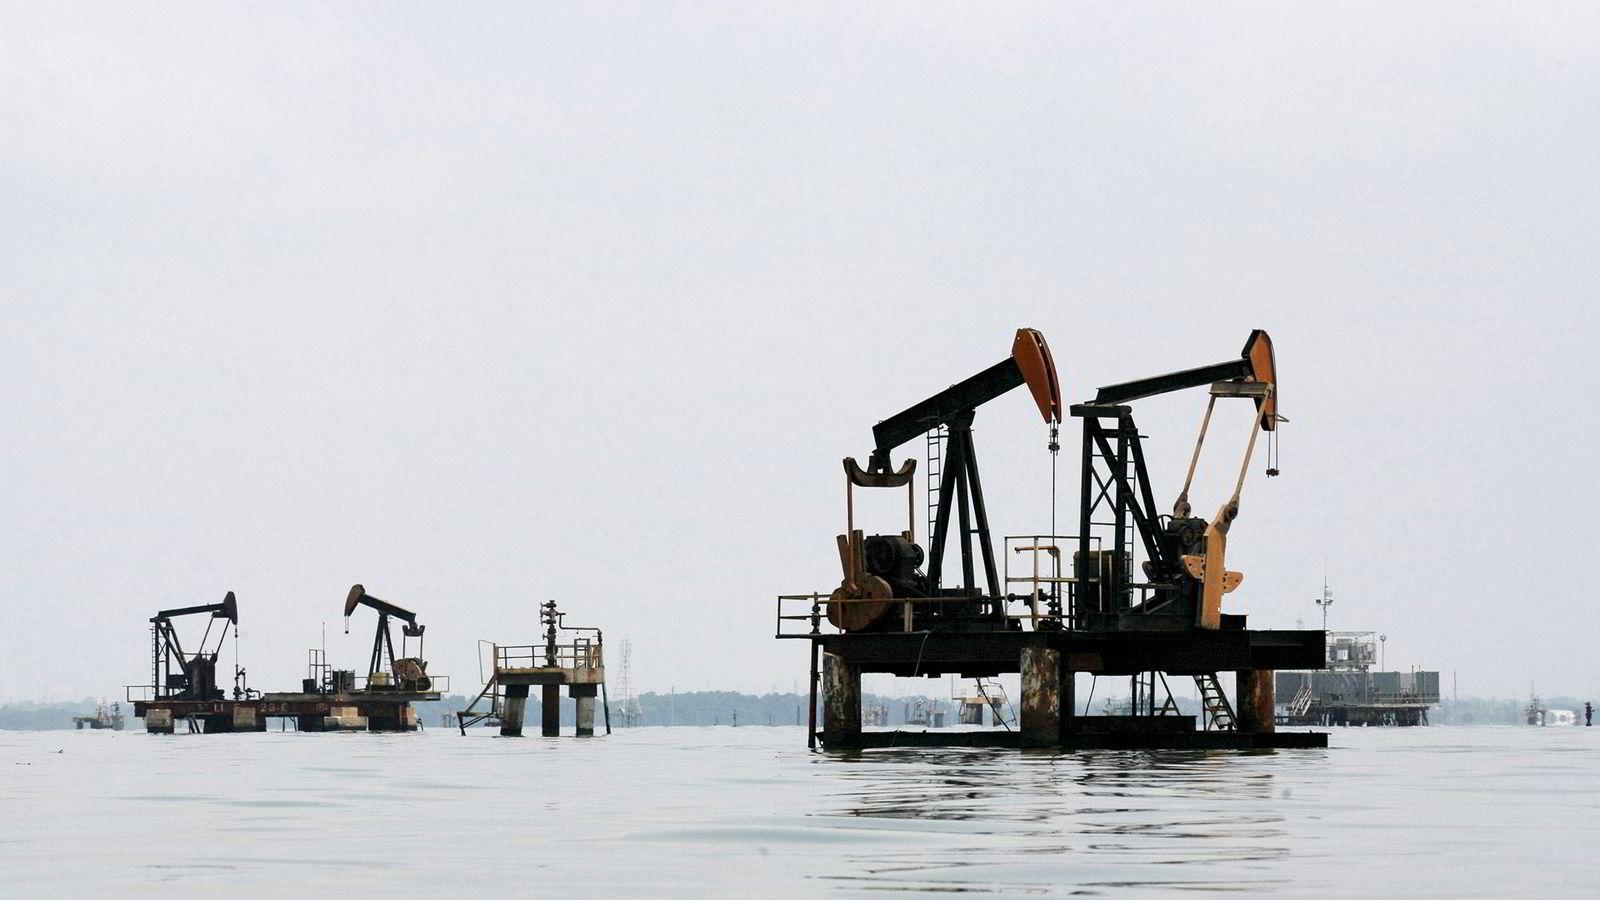 Oljeprisen falt utover ettermiddagen og kvelden mandag. Foto: Isaac Urrutia/Reuters/NTB scanpix